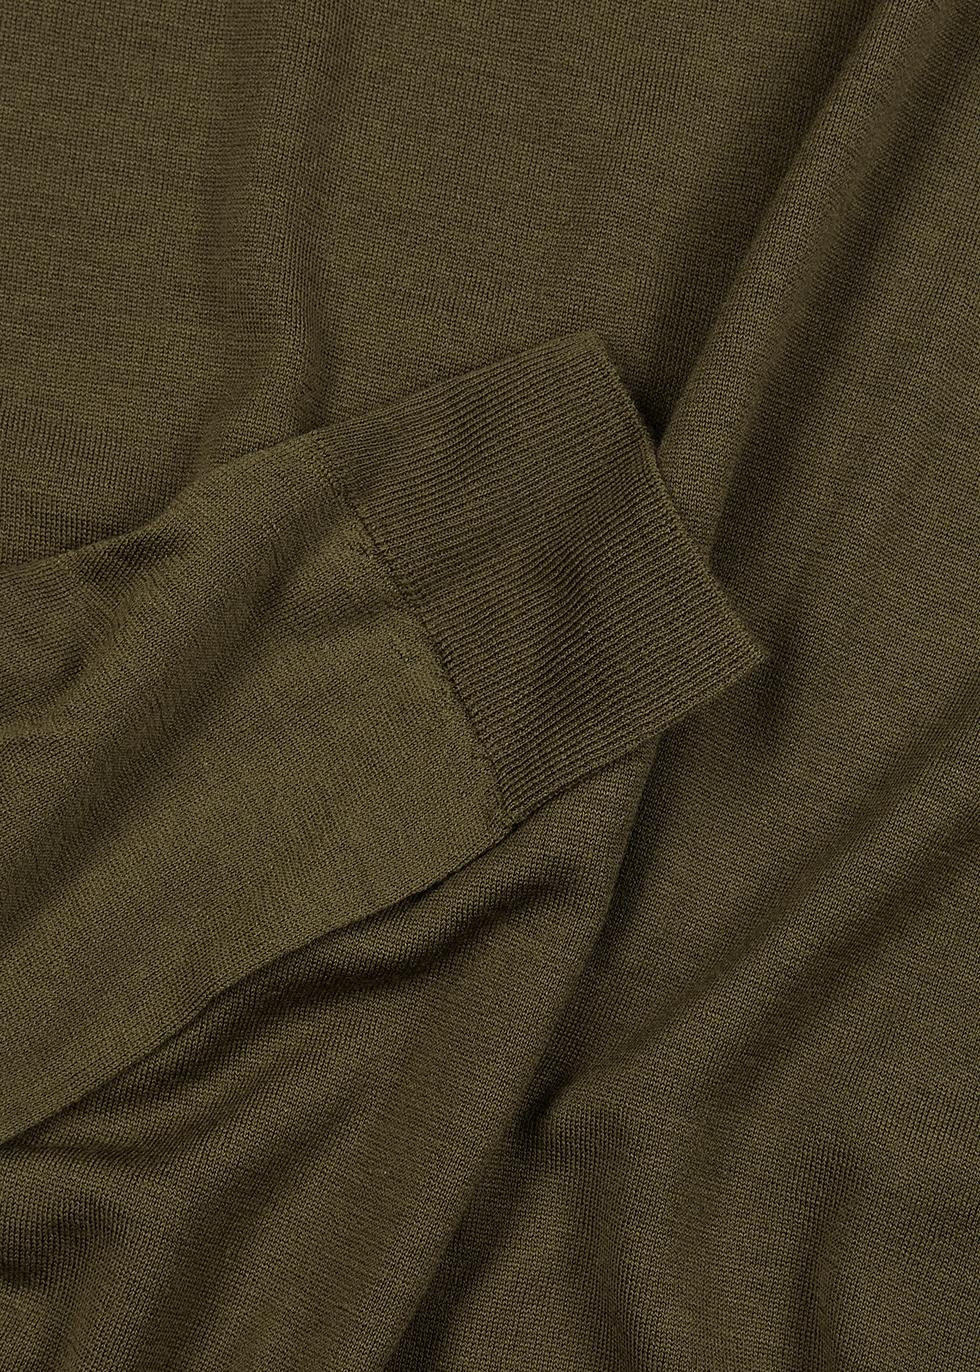 Lundy dark olive wool jumper - John Smedley